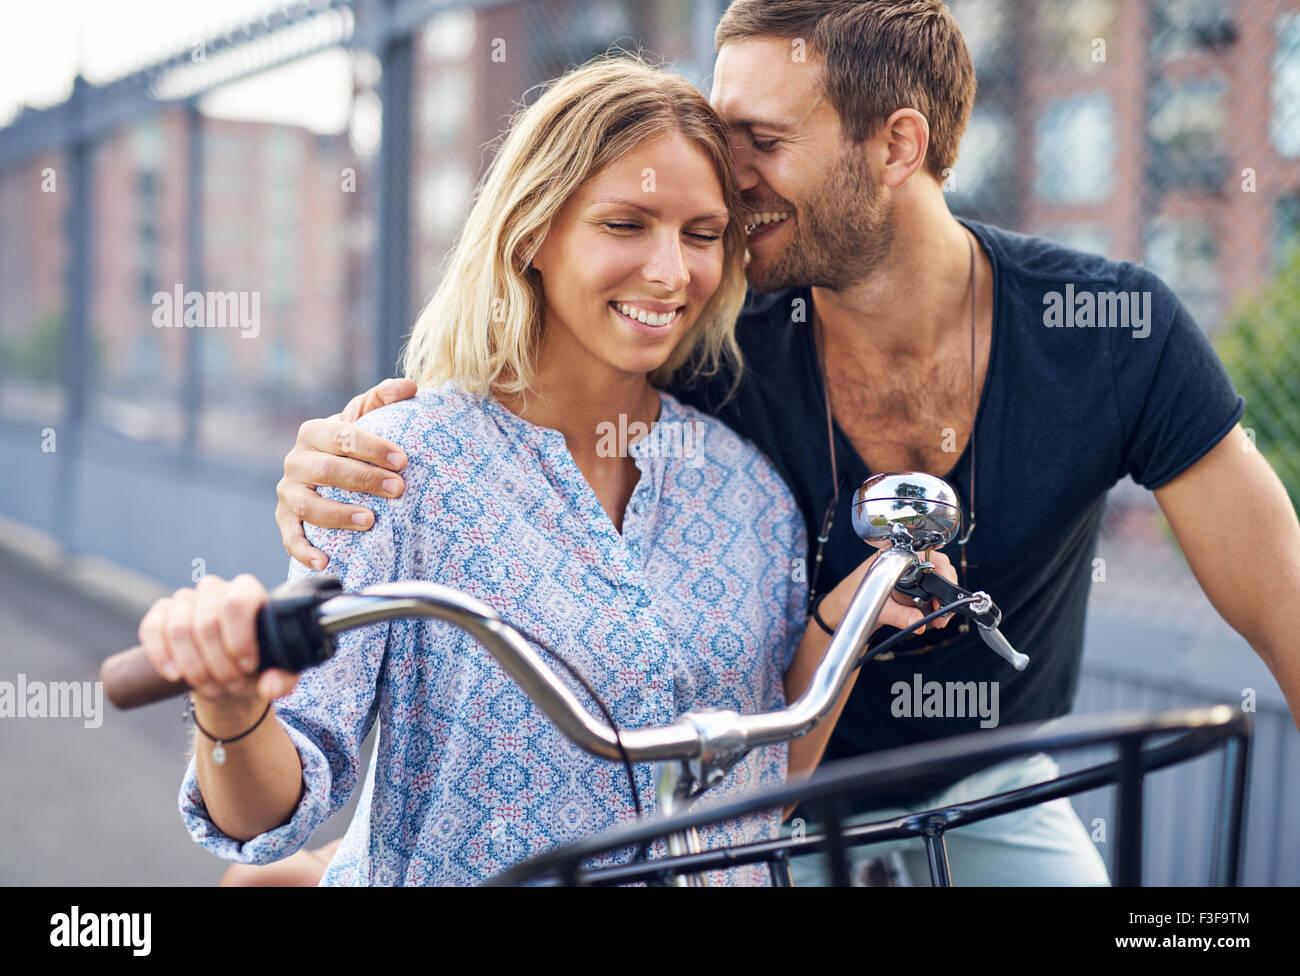 Città giovane amando ogni altro mentre fuori di equitazione biciclette Immagini Stock